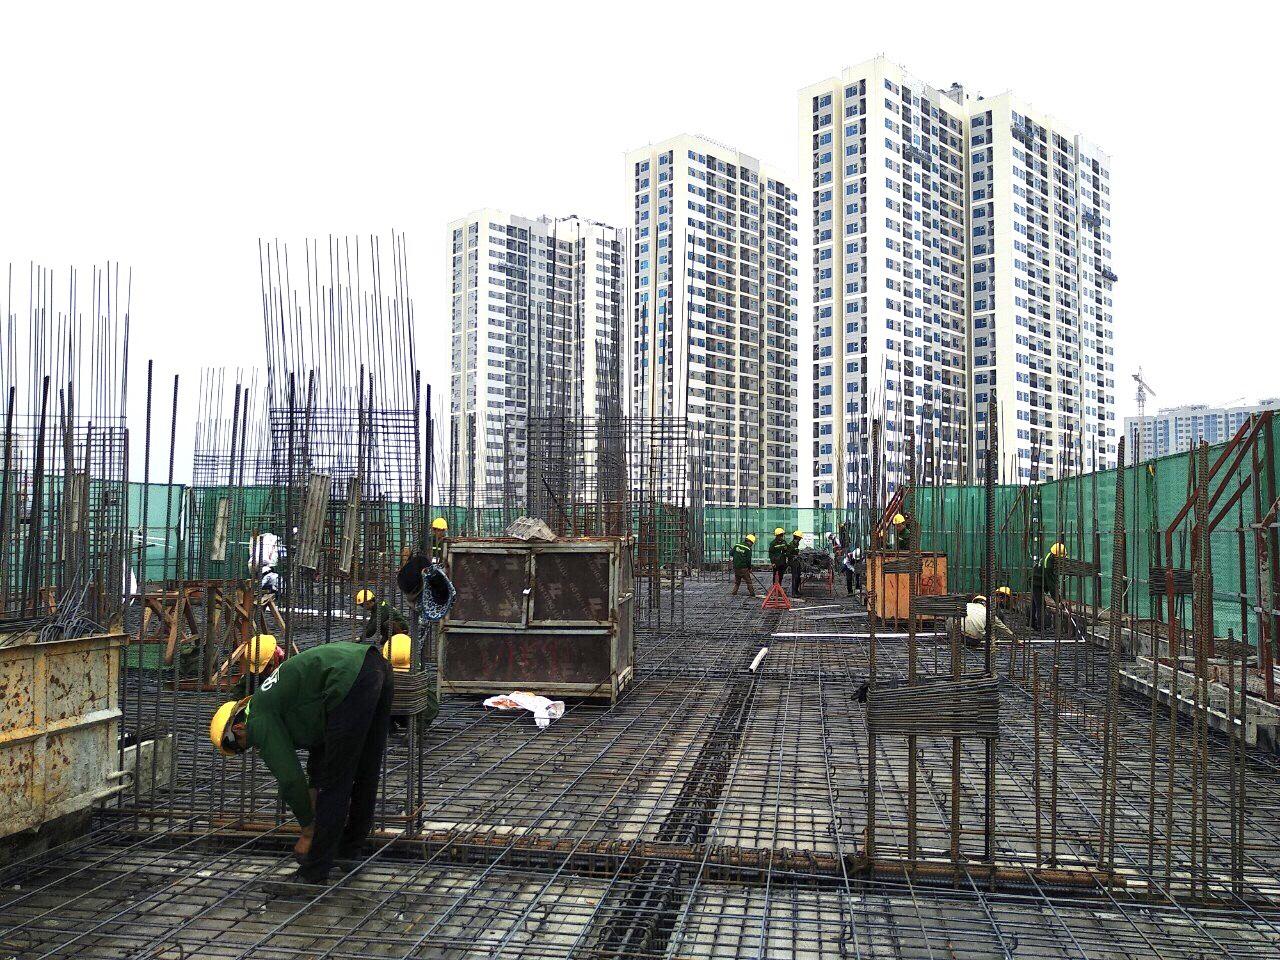 Imperia Smart City đảm bảo tiến độ và chất lượng xây dựng - Ảnh 2